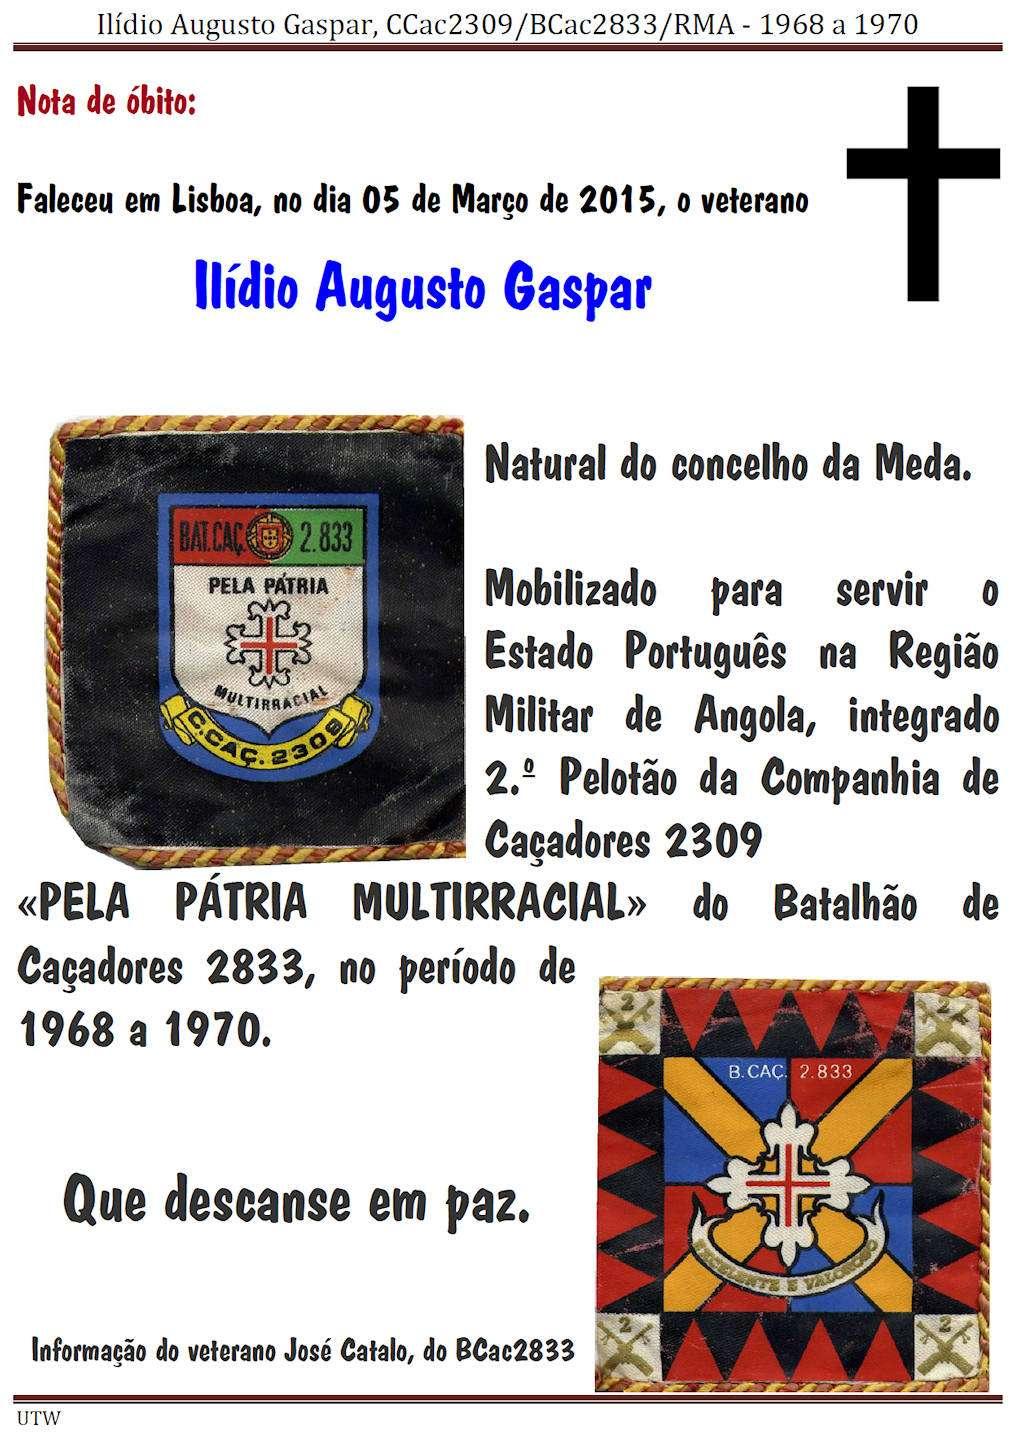 Faleceu o veterano Ilídio Augusto Gaspar, do 2.ºPel/CCac2309 do BCac2833 - 05Mar2015 Ilidio12